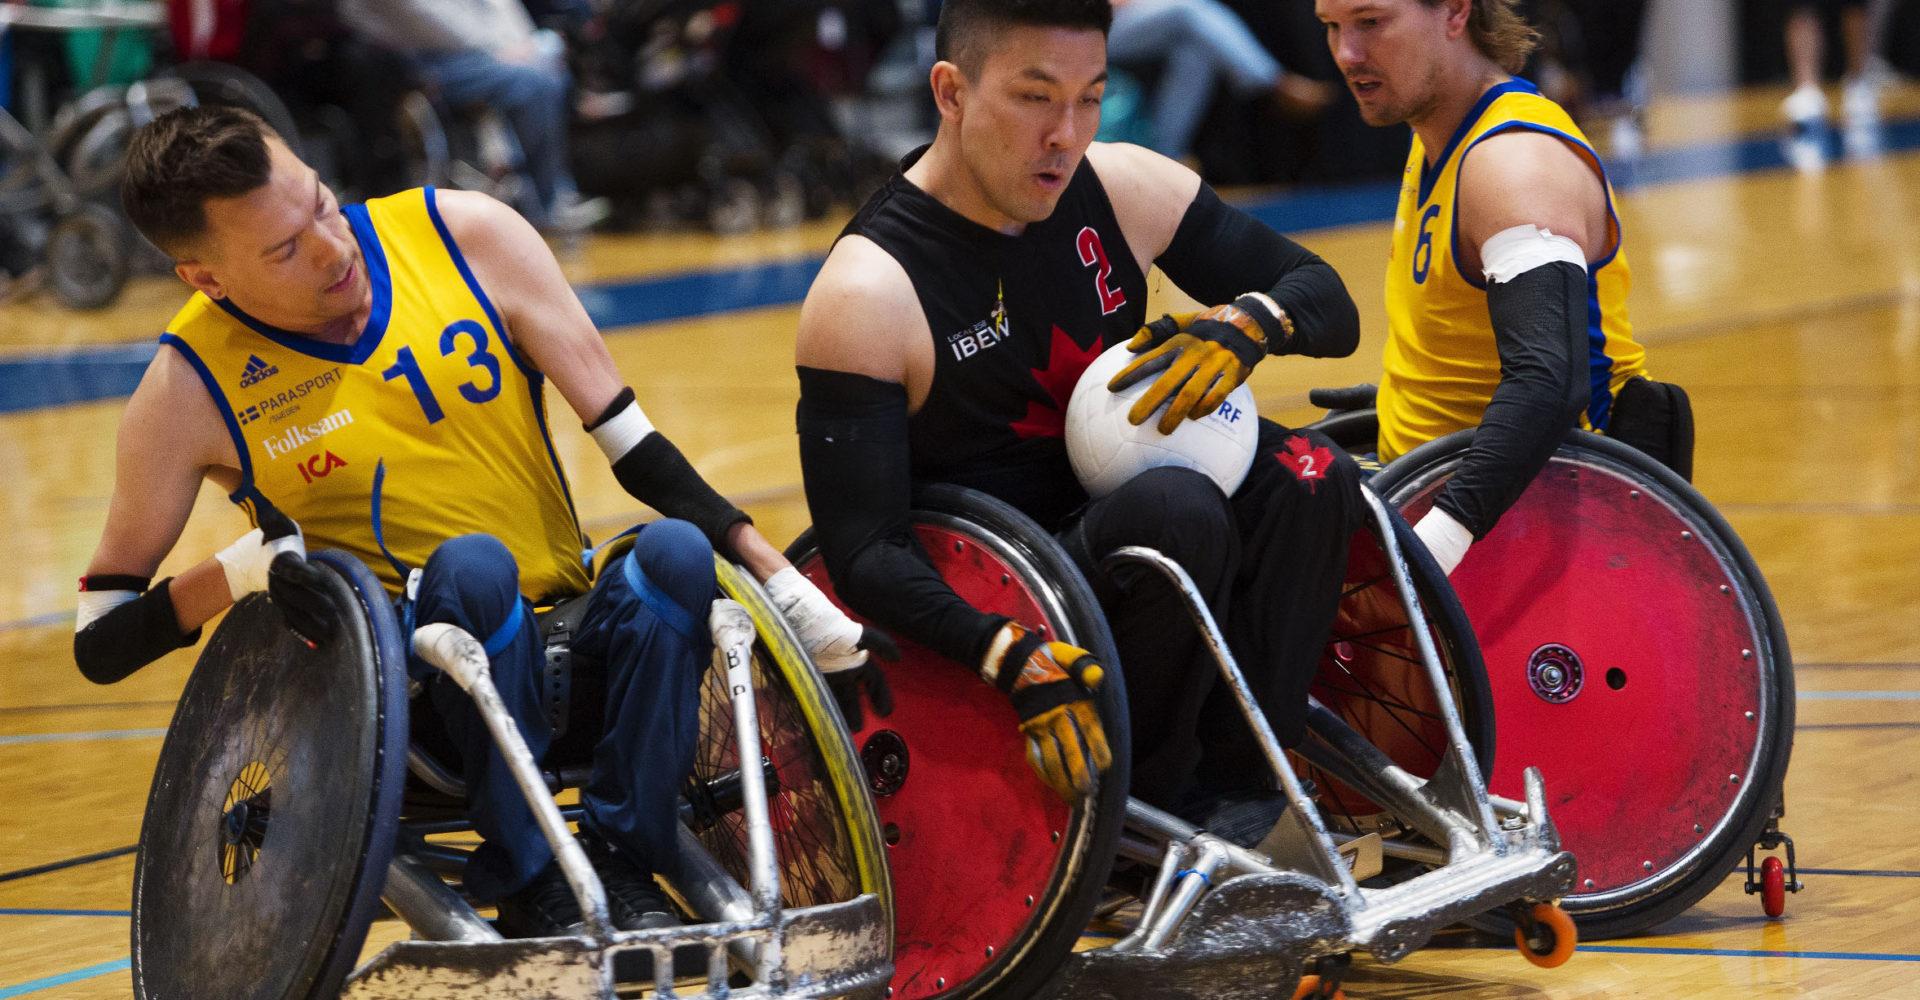 Le Comité paralympique canadien et CBC Sports s'associent pour diffuser les Championnats du monde de rugby en fauteuil roulant GIO 2018 de l'IWRF